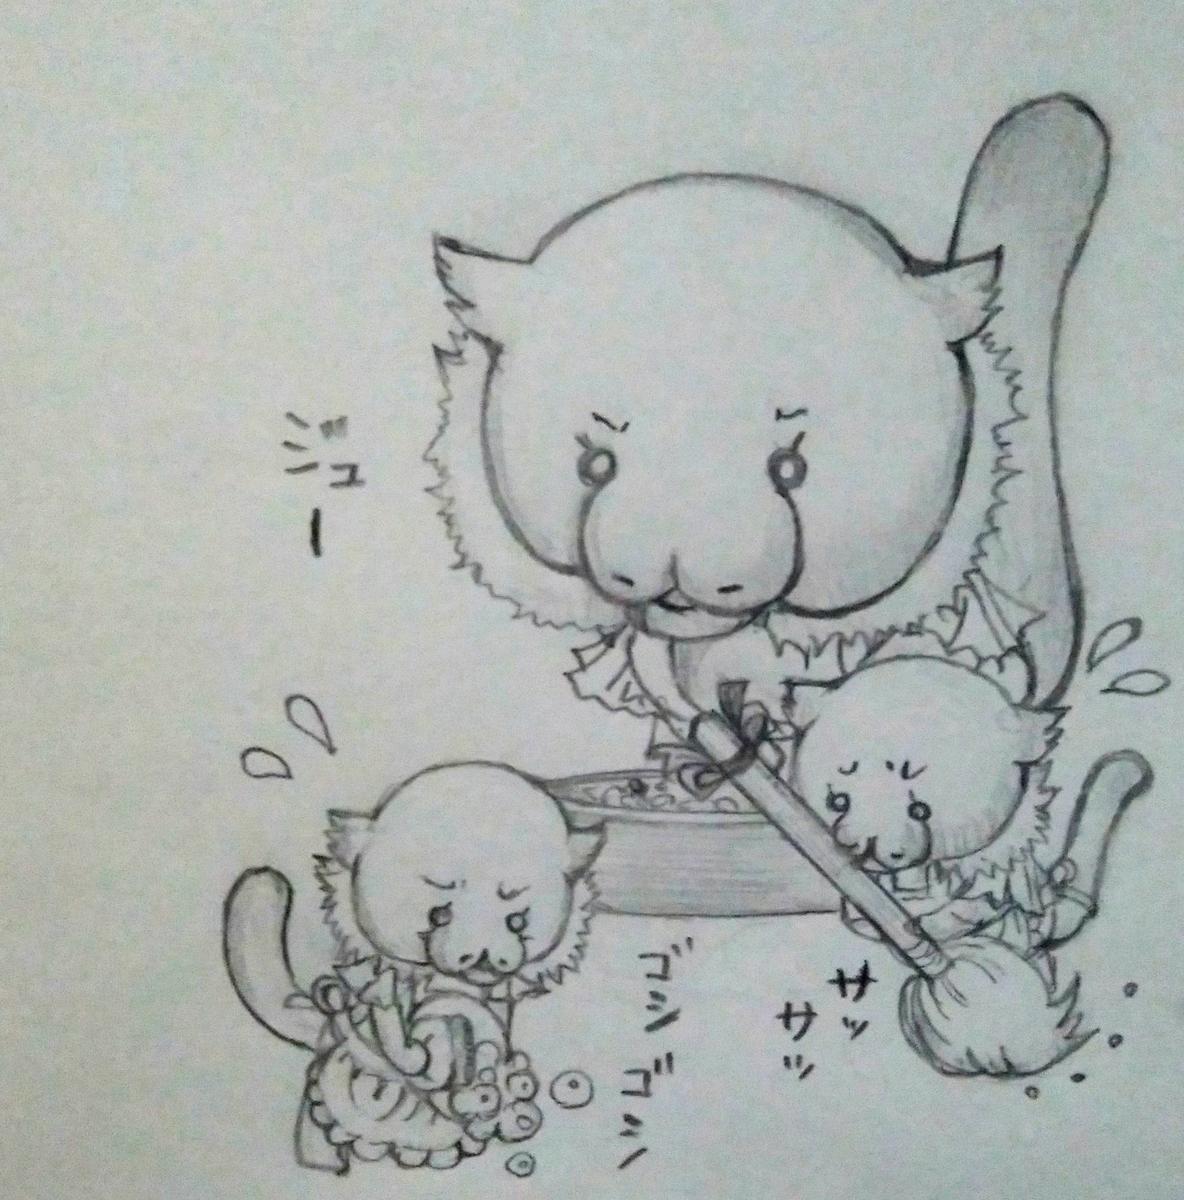 f:id:maricats:20210624205731j:plain